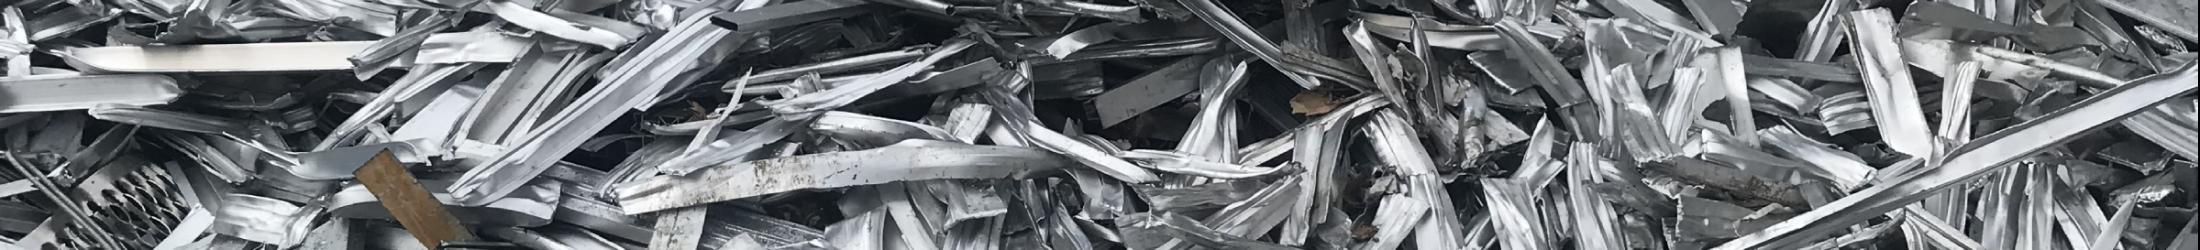 alluminio profilo grezzo copy